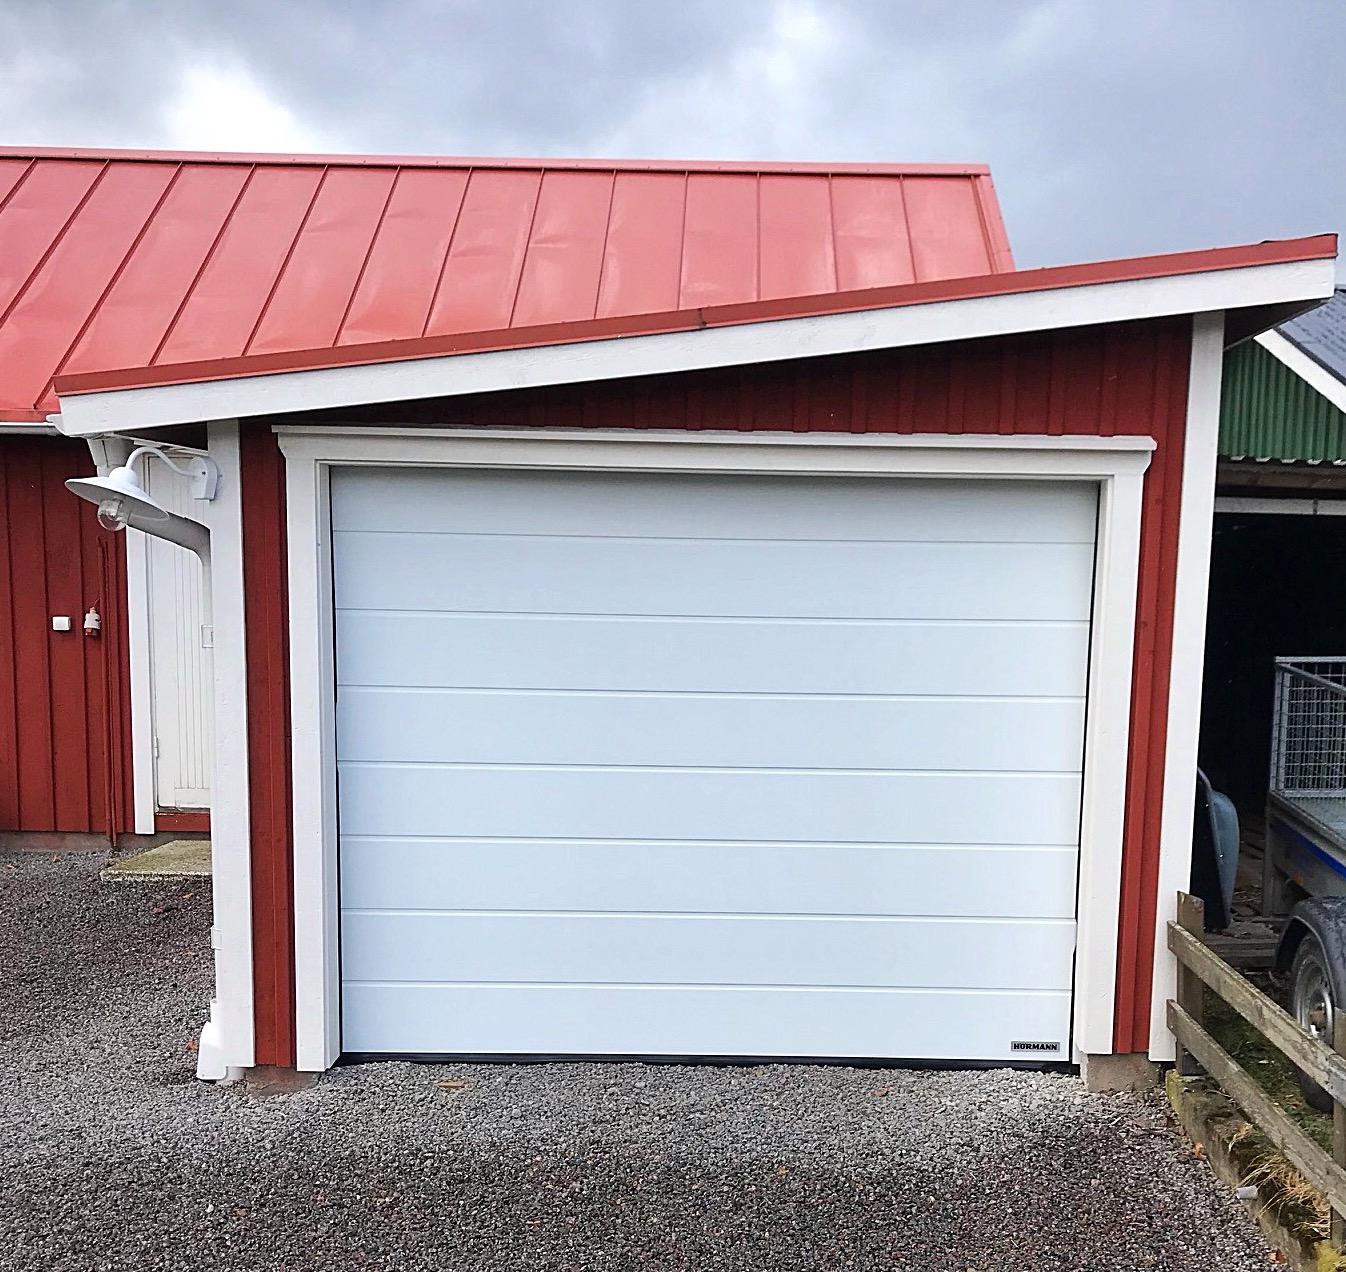 Hörmann garageport med motor!